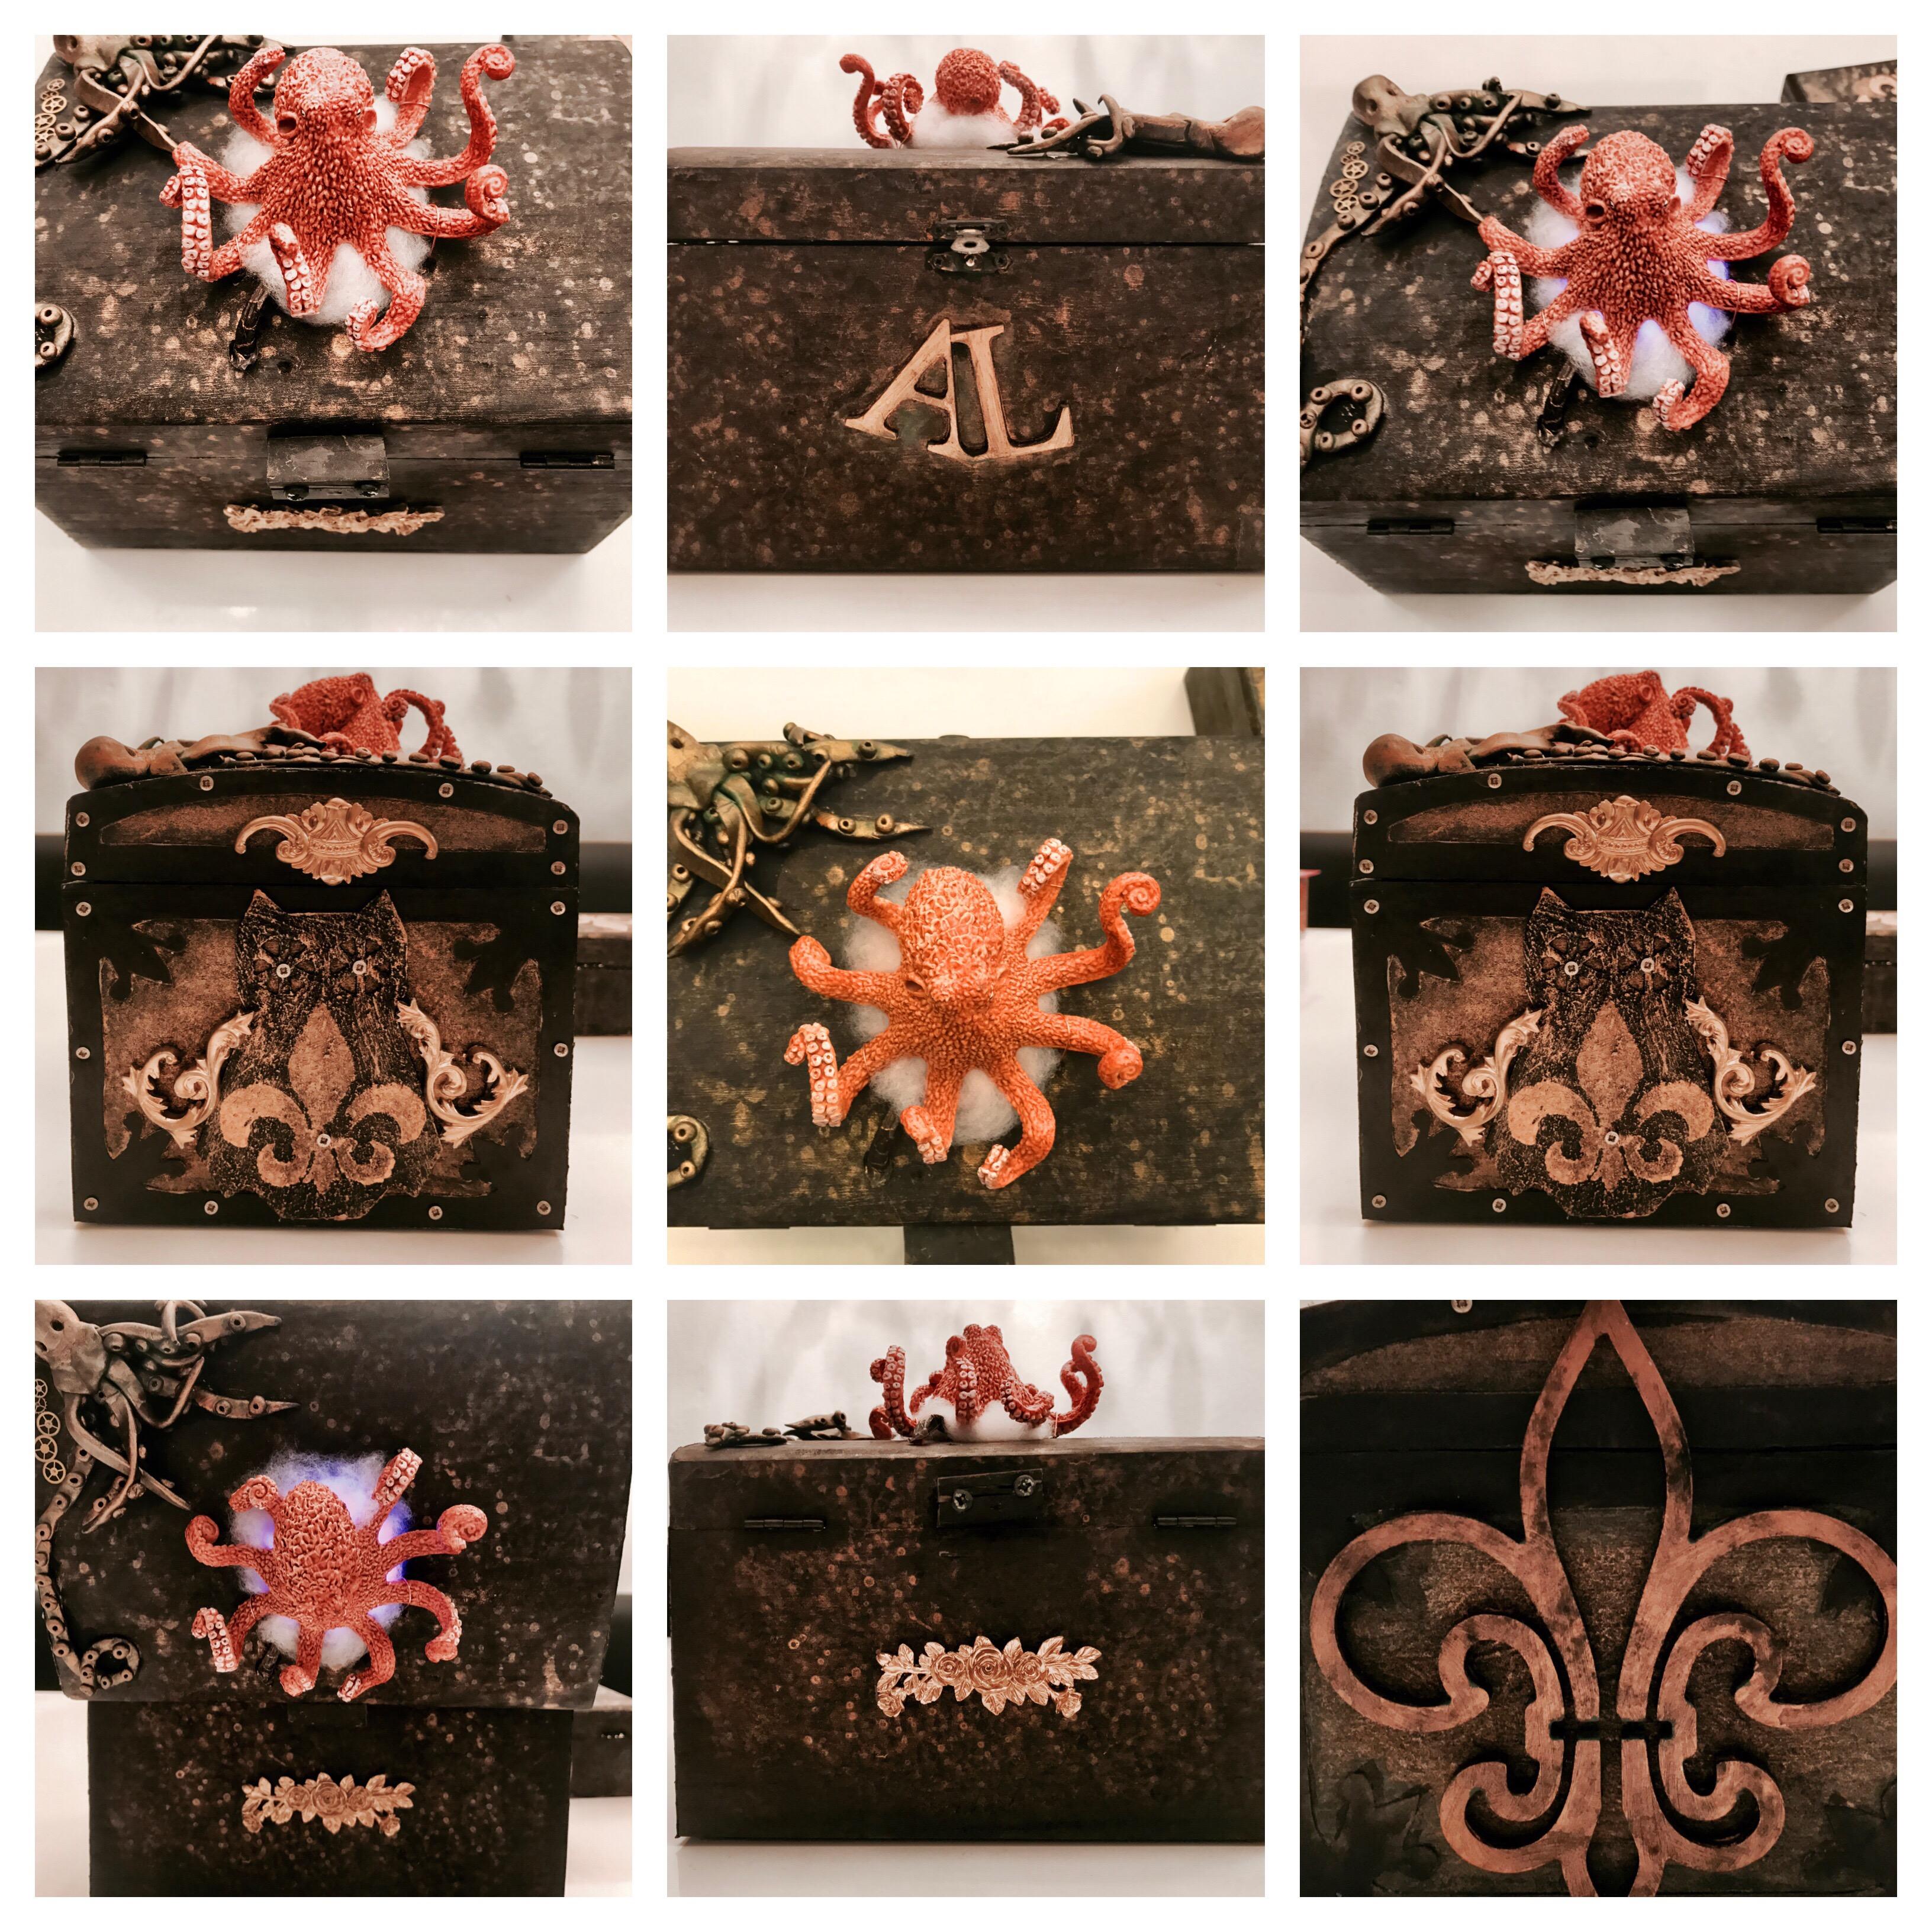 Alruna Lovelace SquidBox Overview